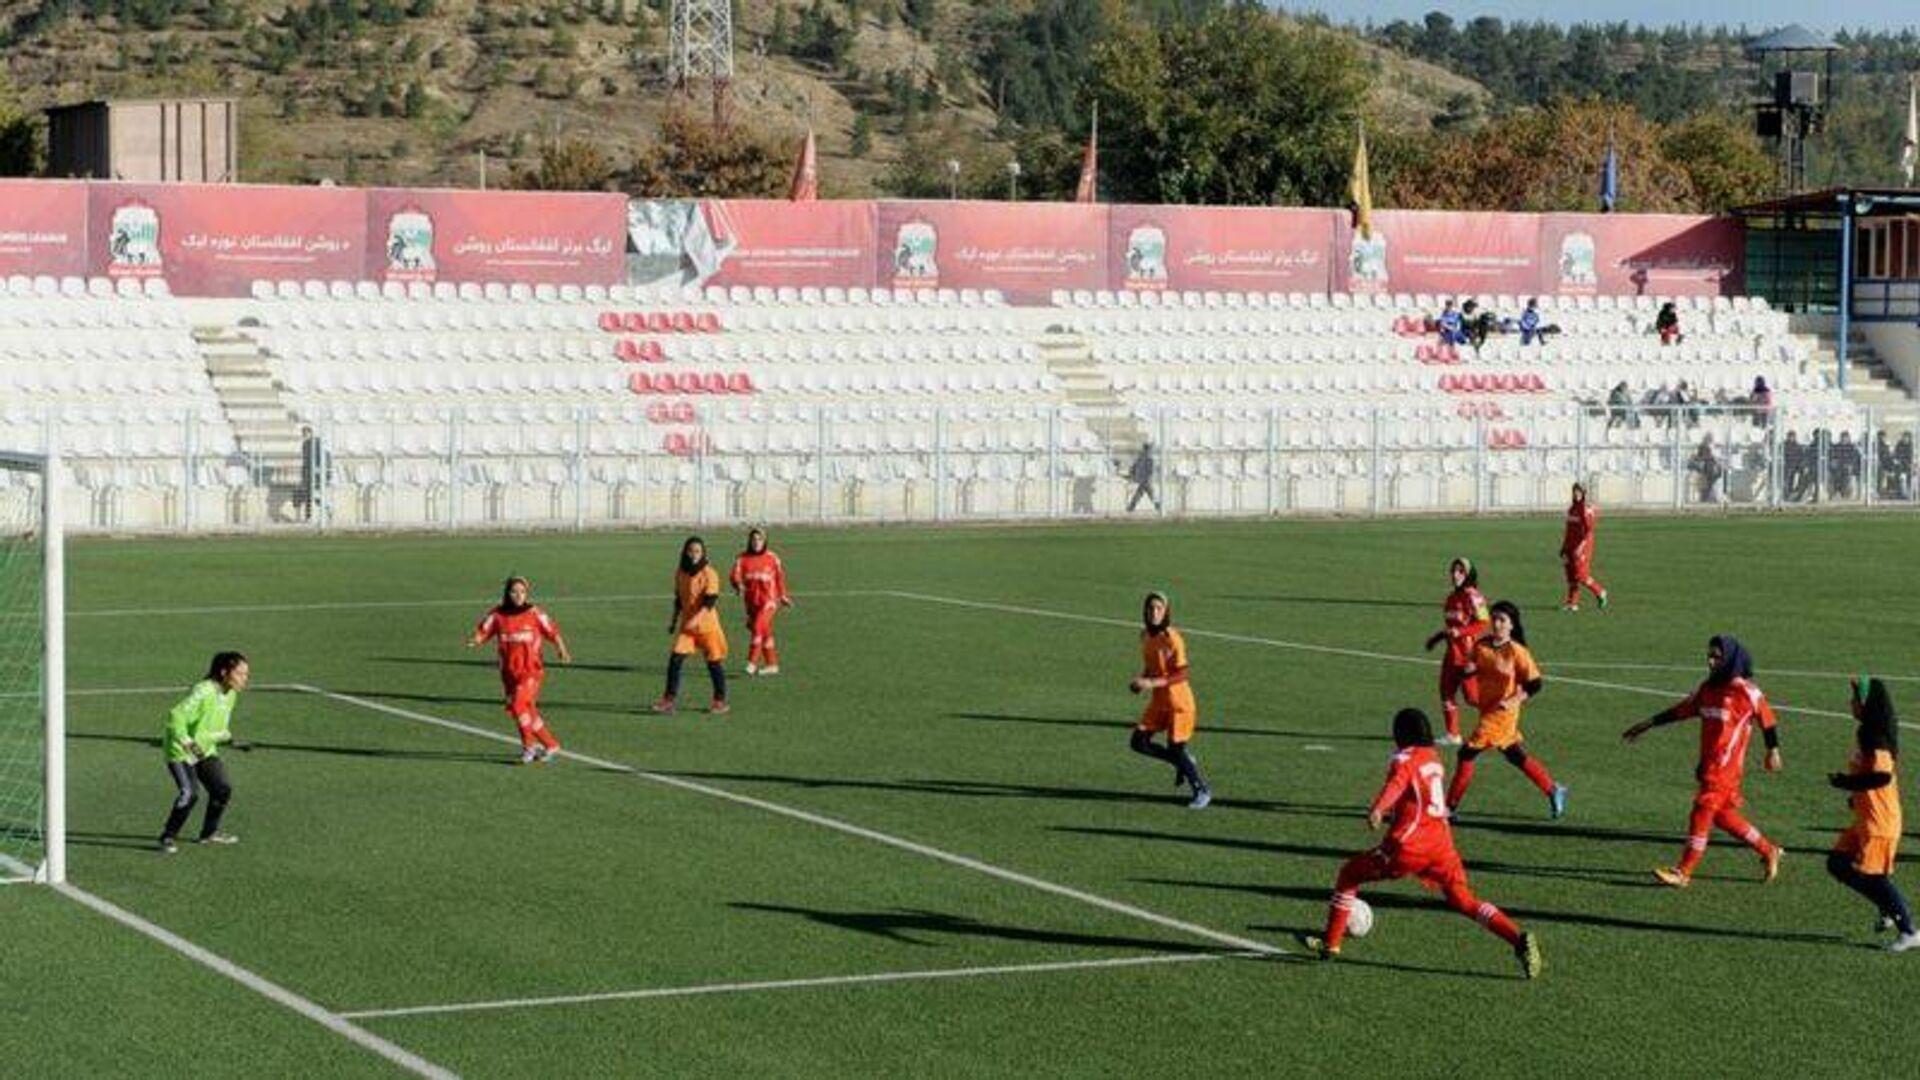 Afganistan milli kadın futbol takımı - Sputnik Türkiye, 1920, 22.08.2021